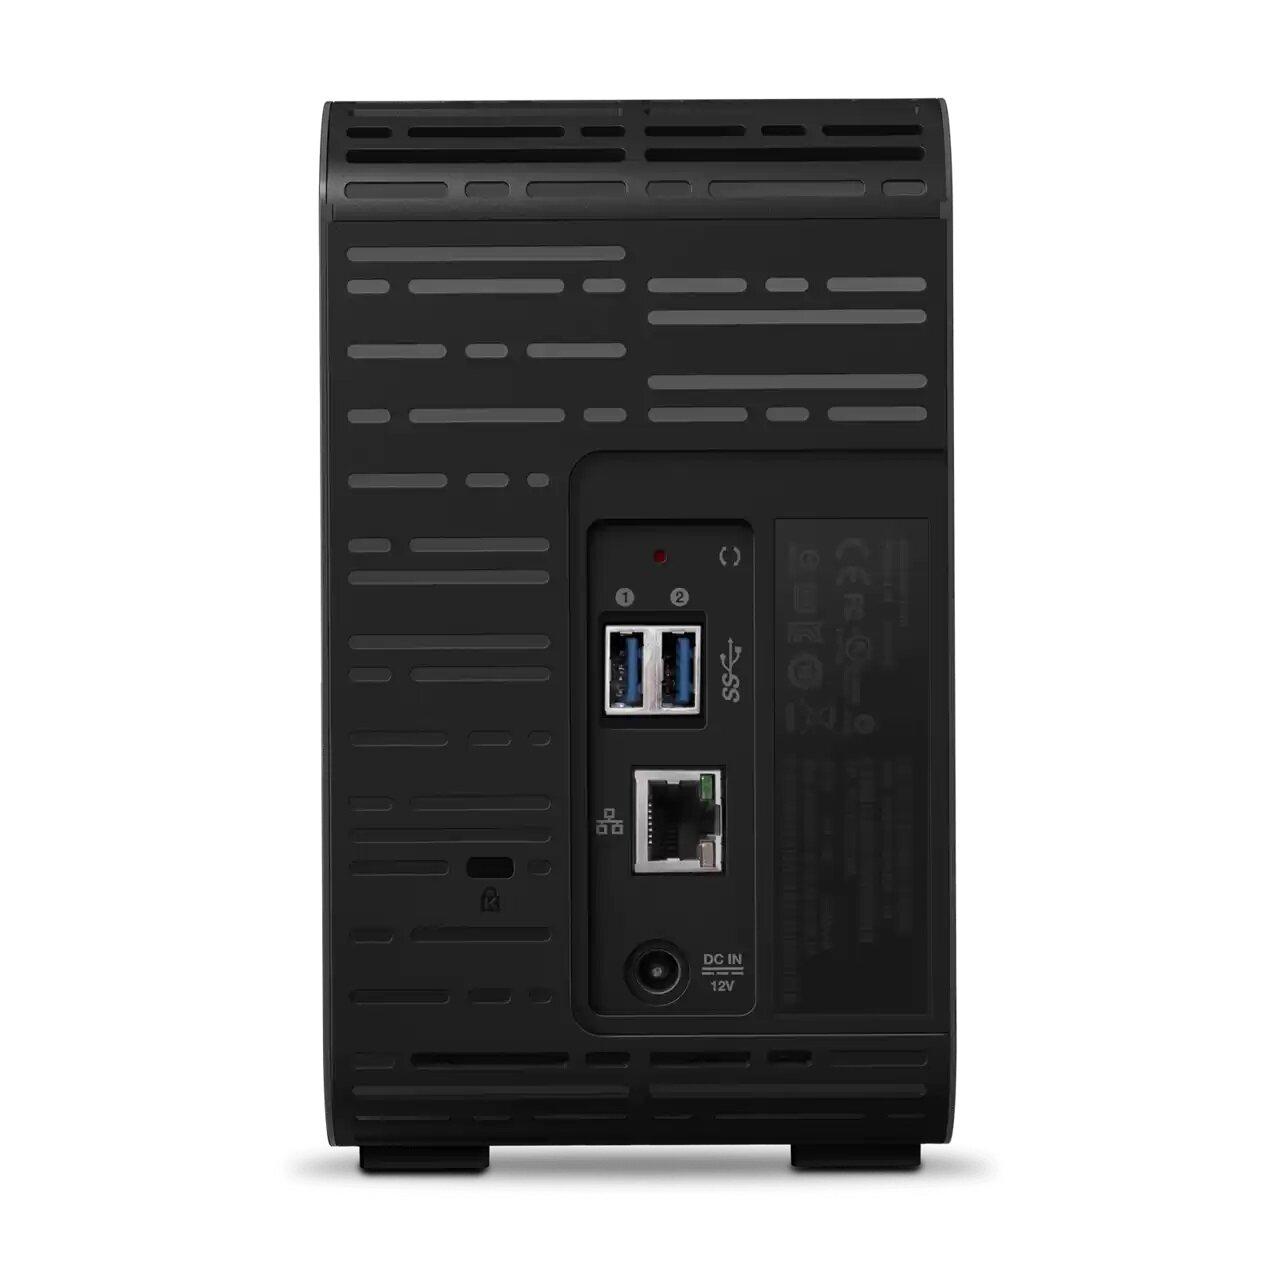 WD My Cloud Expert Series EX2 Ultra Network-attached storage 0TB/ 4TB/ 8TB/ 12TB/ 16TB/ 20TB, NAS, USB 3.0